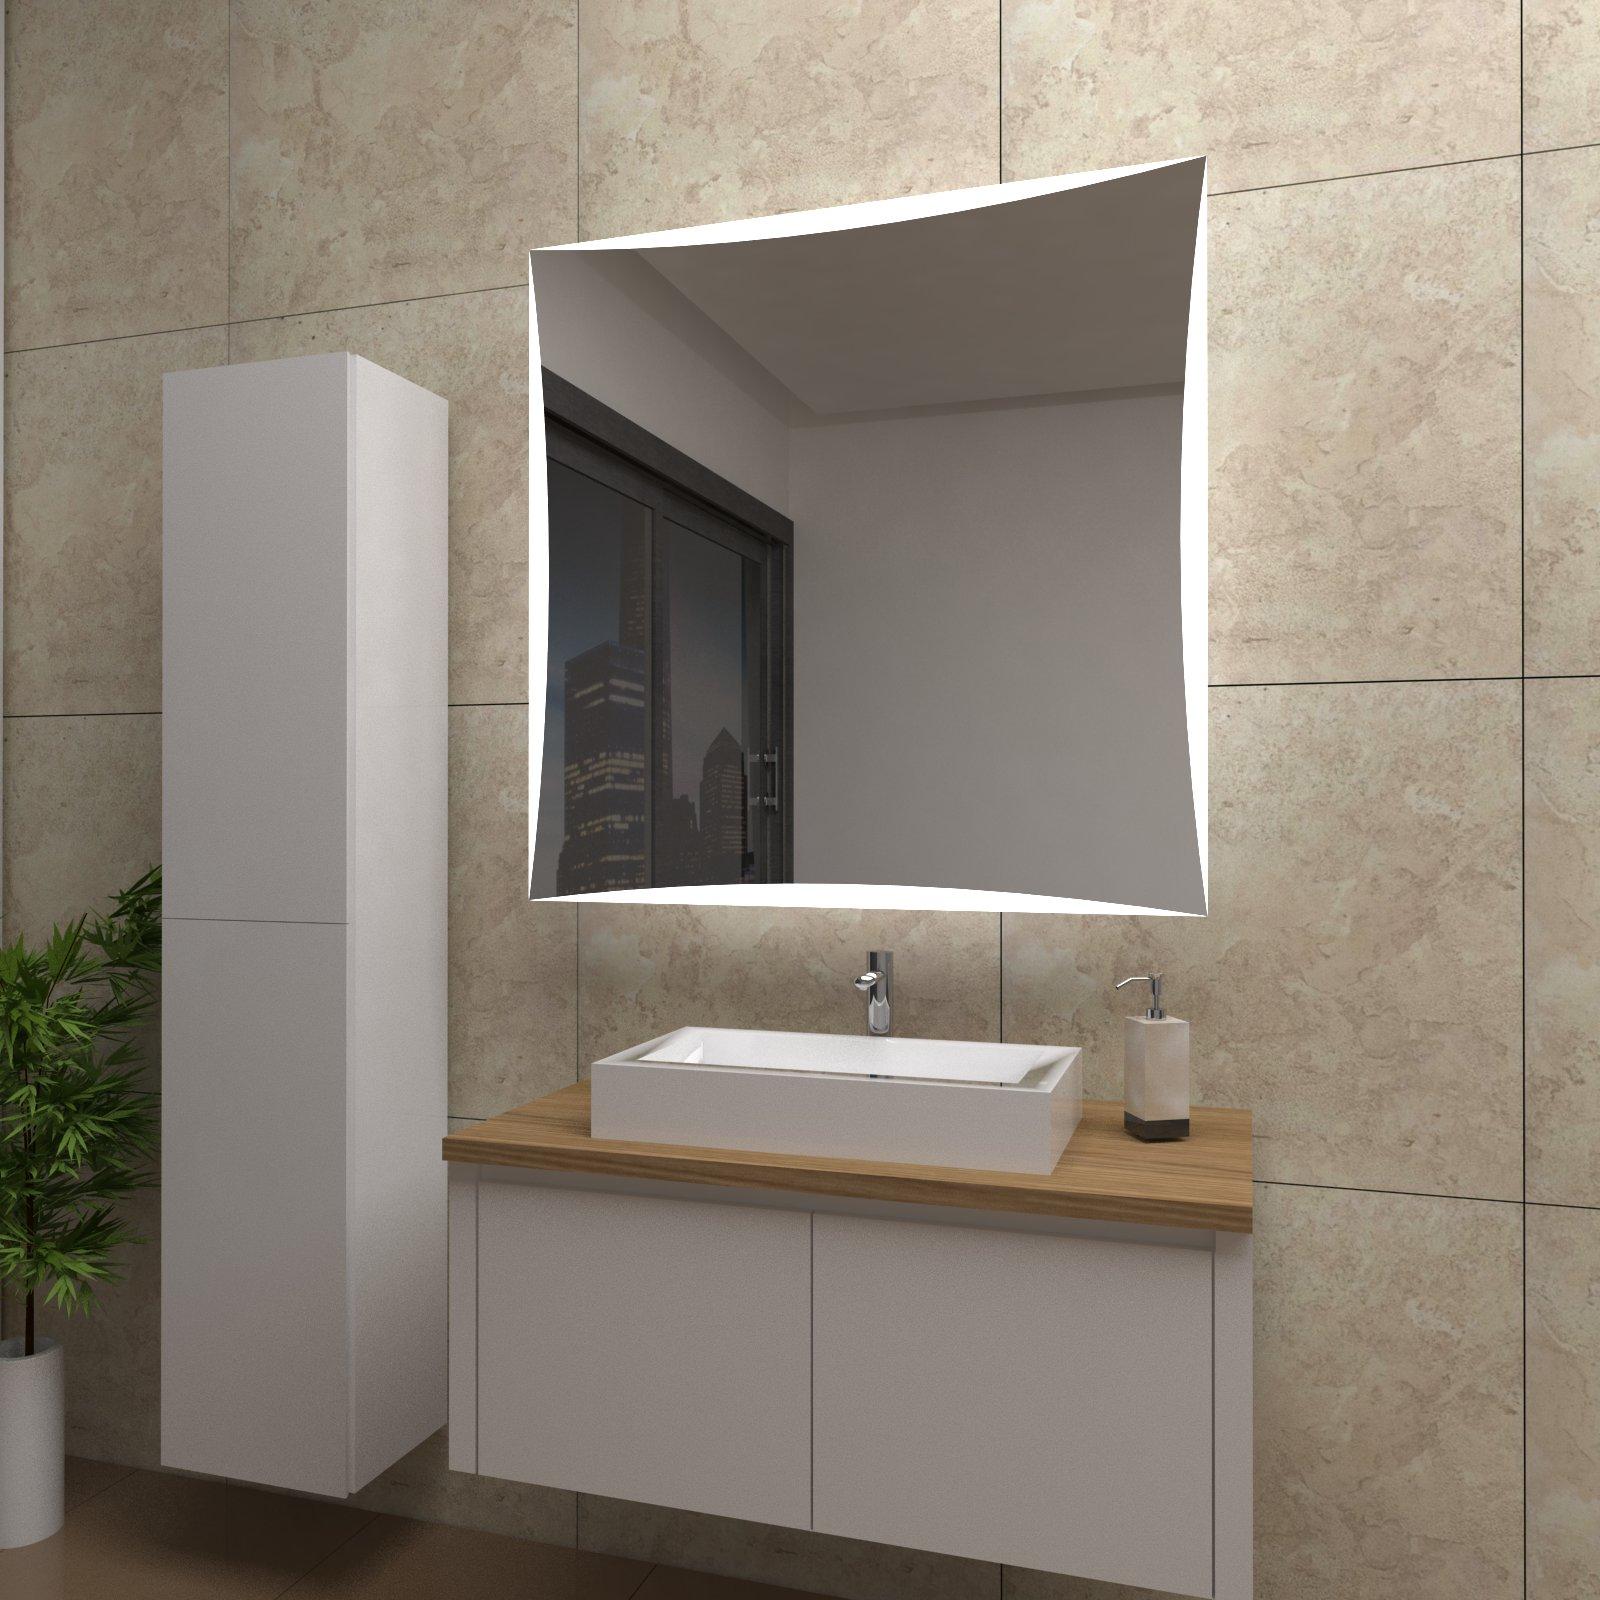 spiegel quinn mit led beleuchtung beschlagfrei temprix markenspiegel. Black Bedroom Furniture Sets. Home Design Ideas